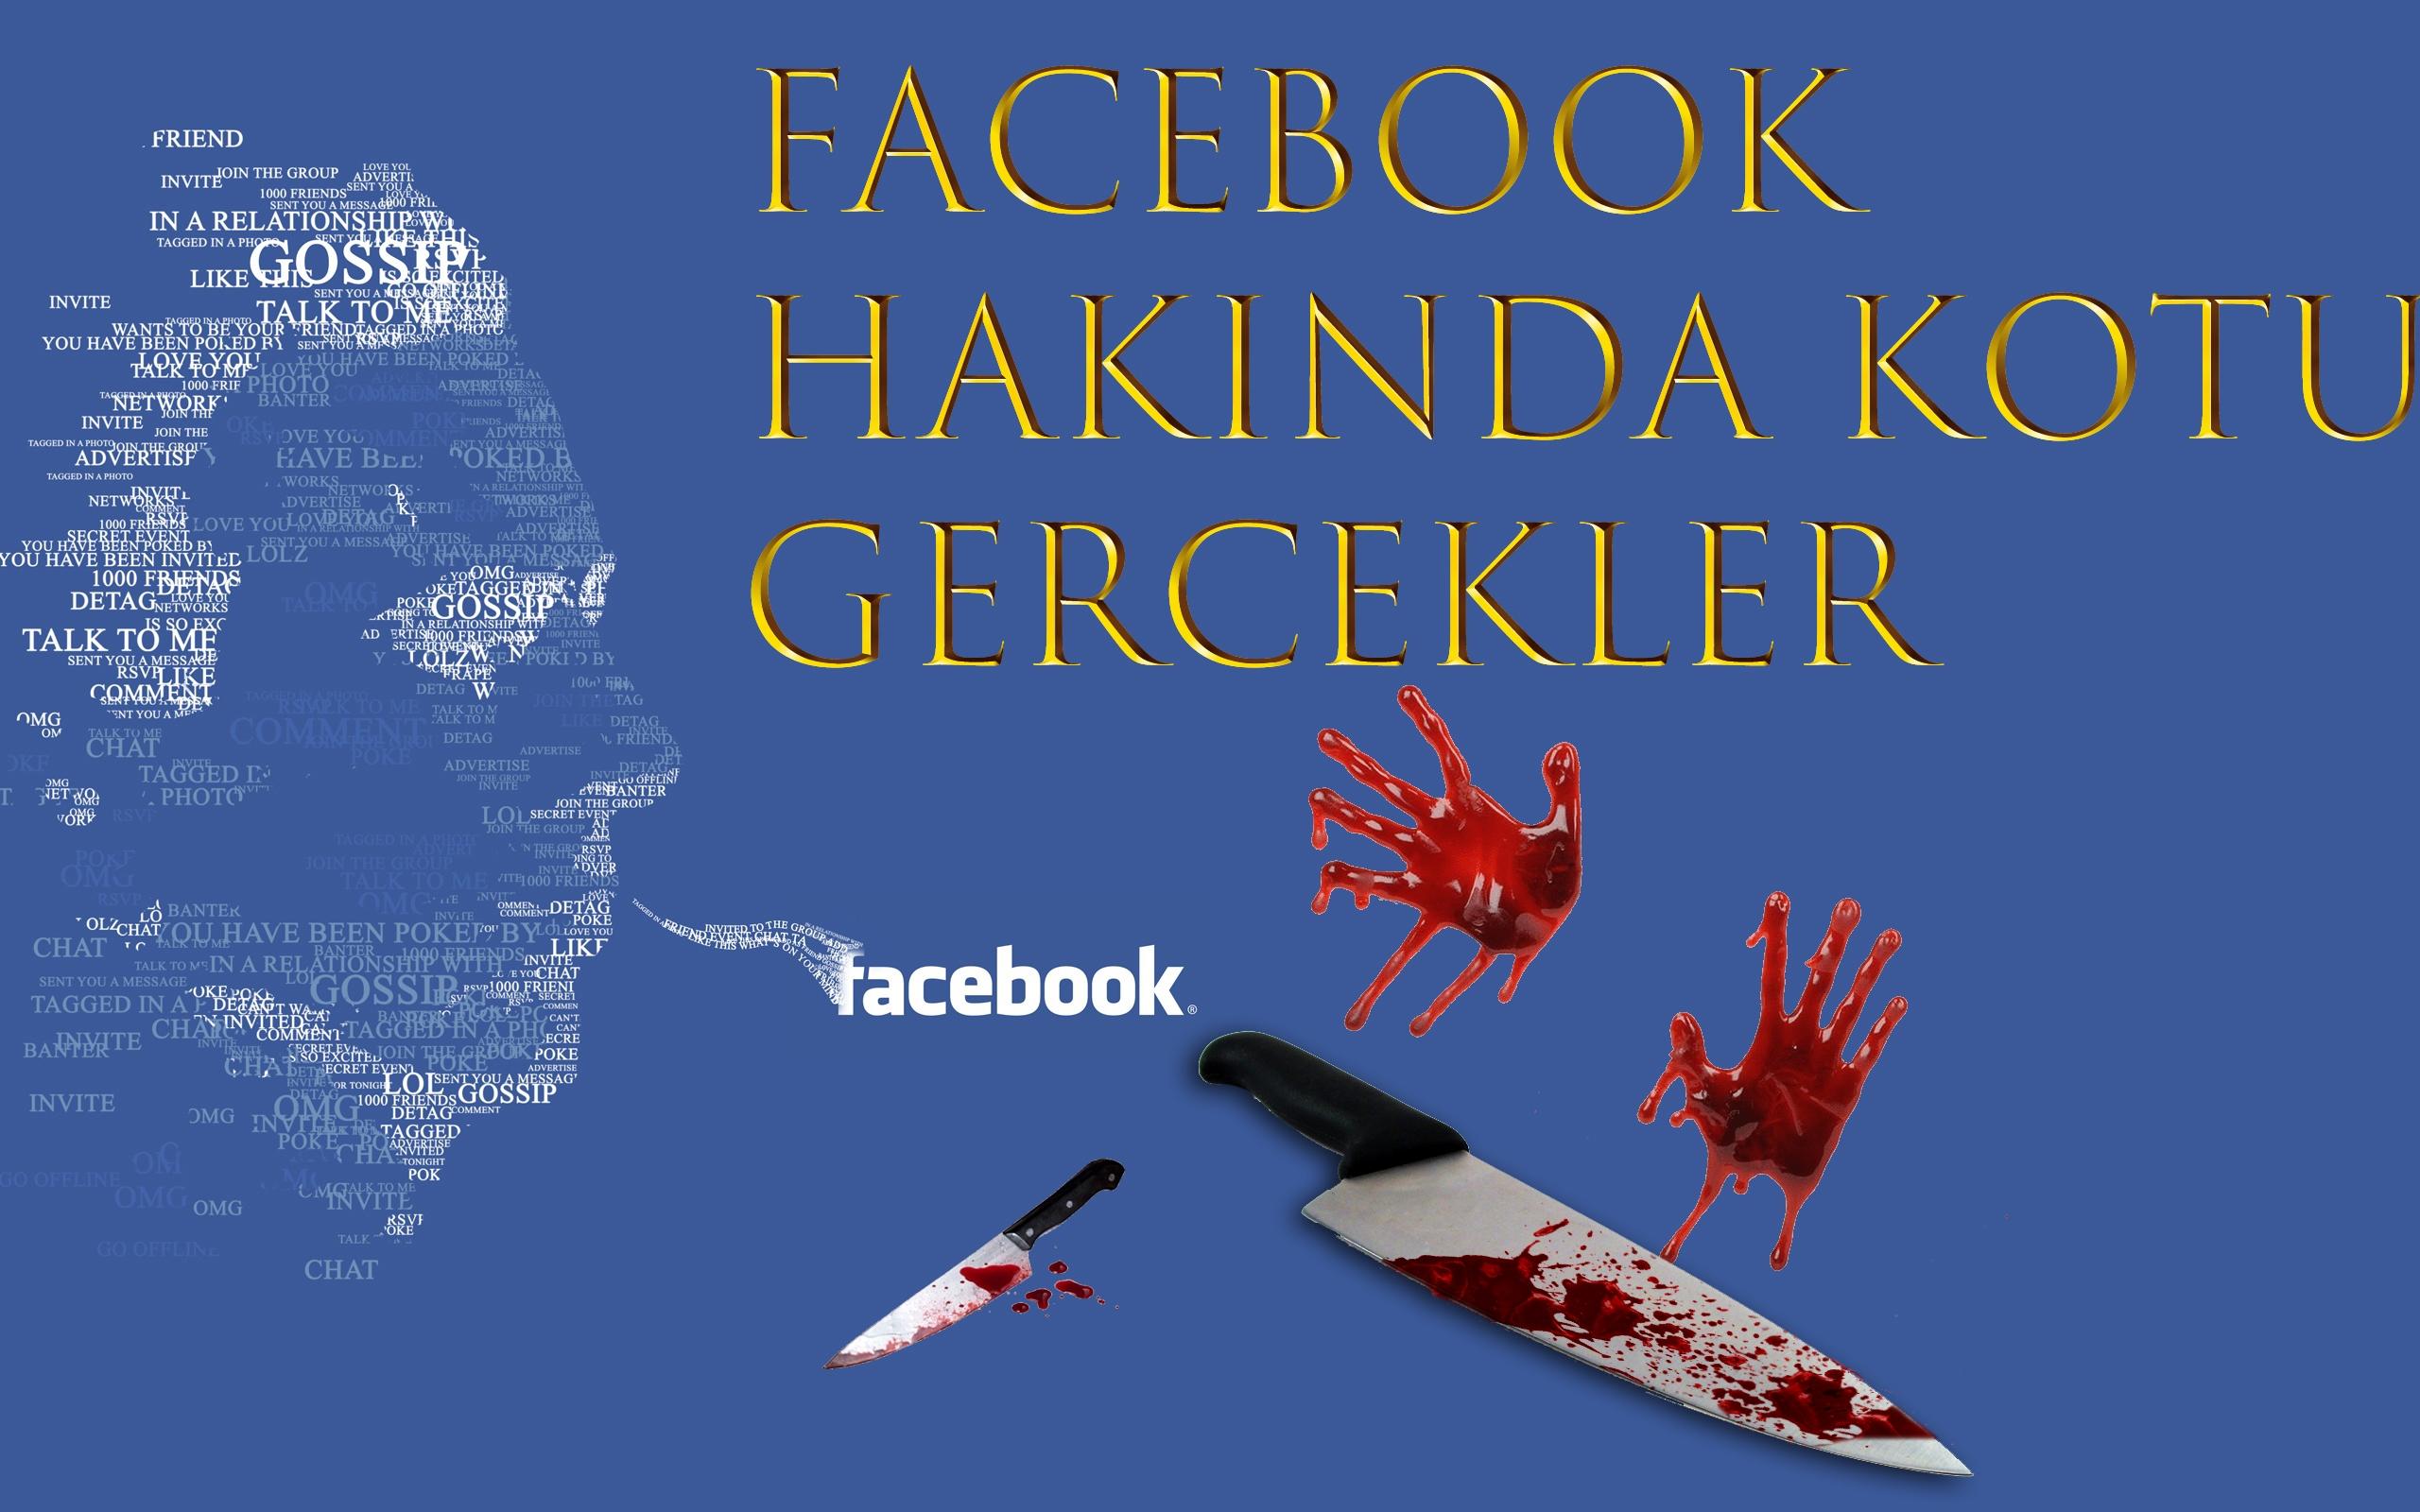 Facebook Hakkında Kötü Gerçekler Öldürülenler !